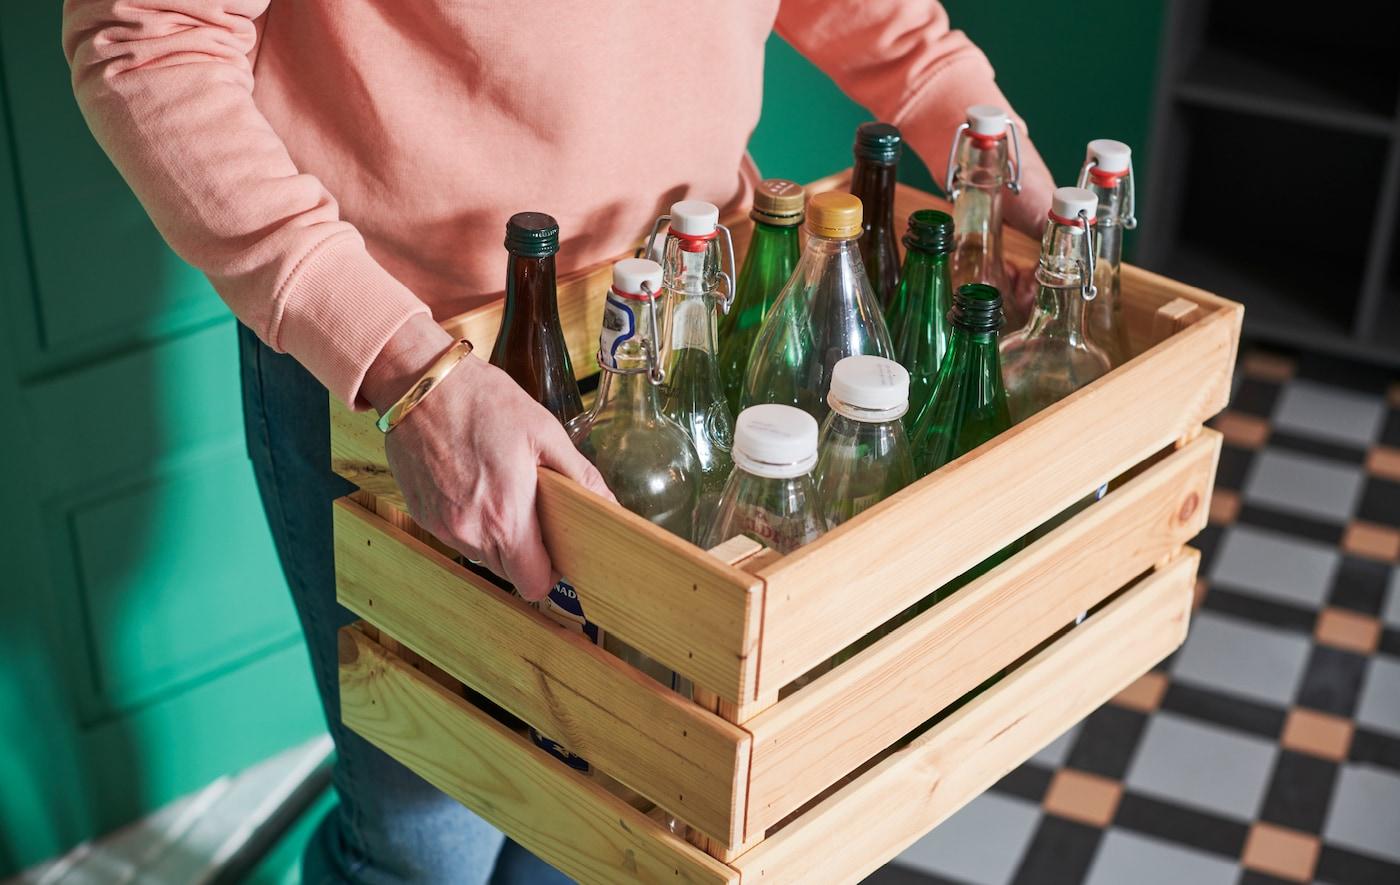 Persoon die door een zaal loopt en een KNAGGLIG kist draagt, gevuld met verschillende glazen en plastic flessen.